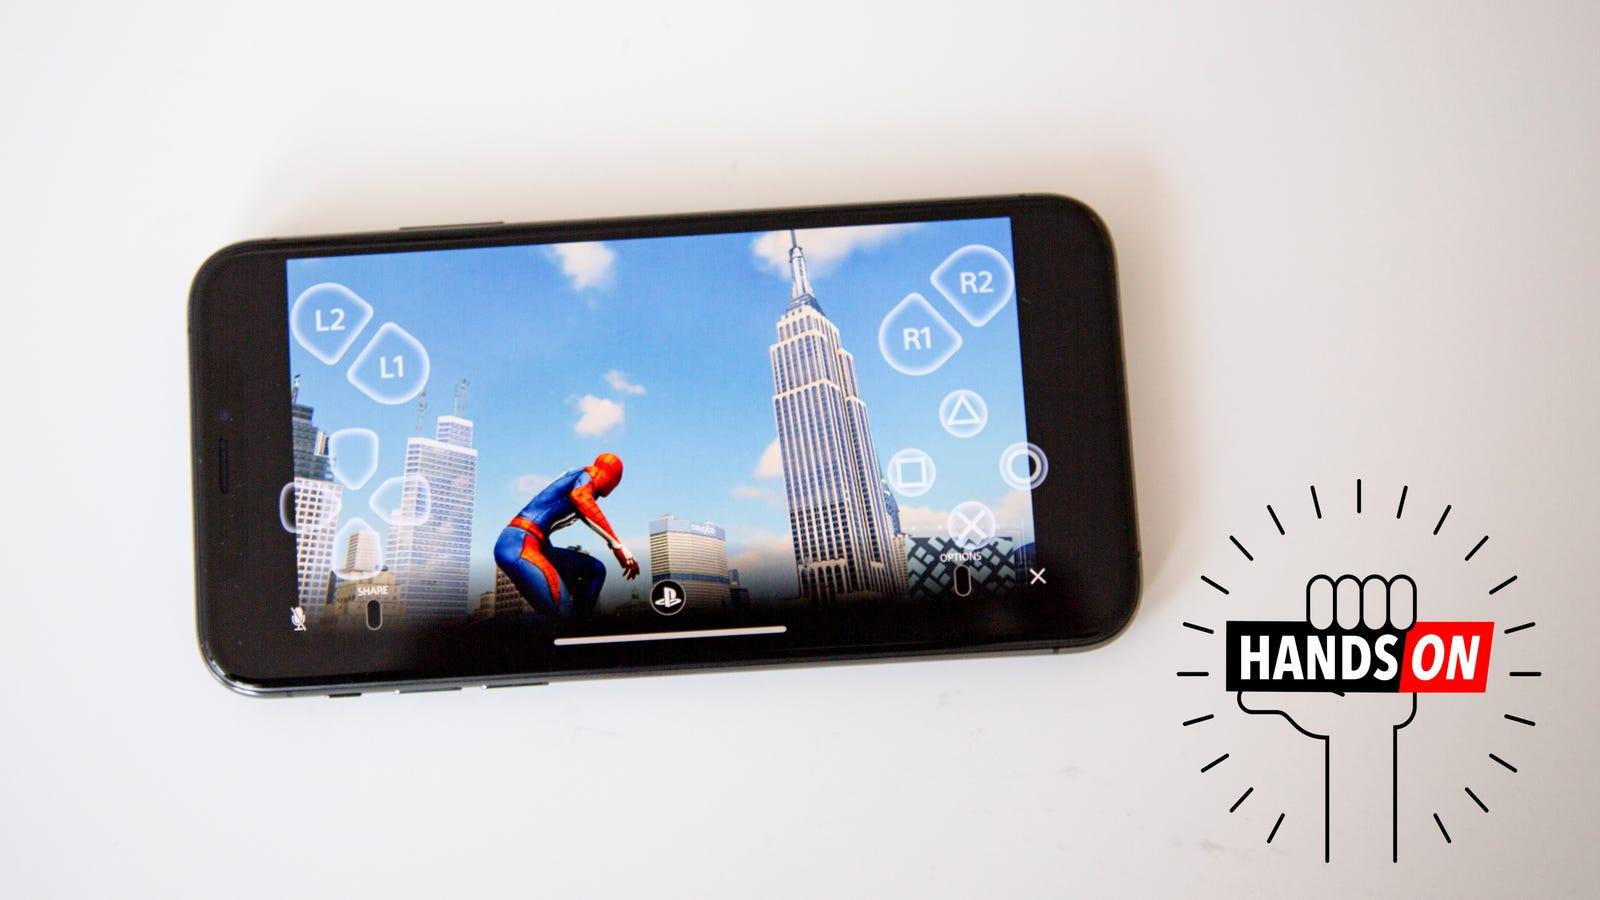 Banyonuzdan iPhone'unuzda PS4 Nasıl Oynanır